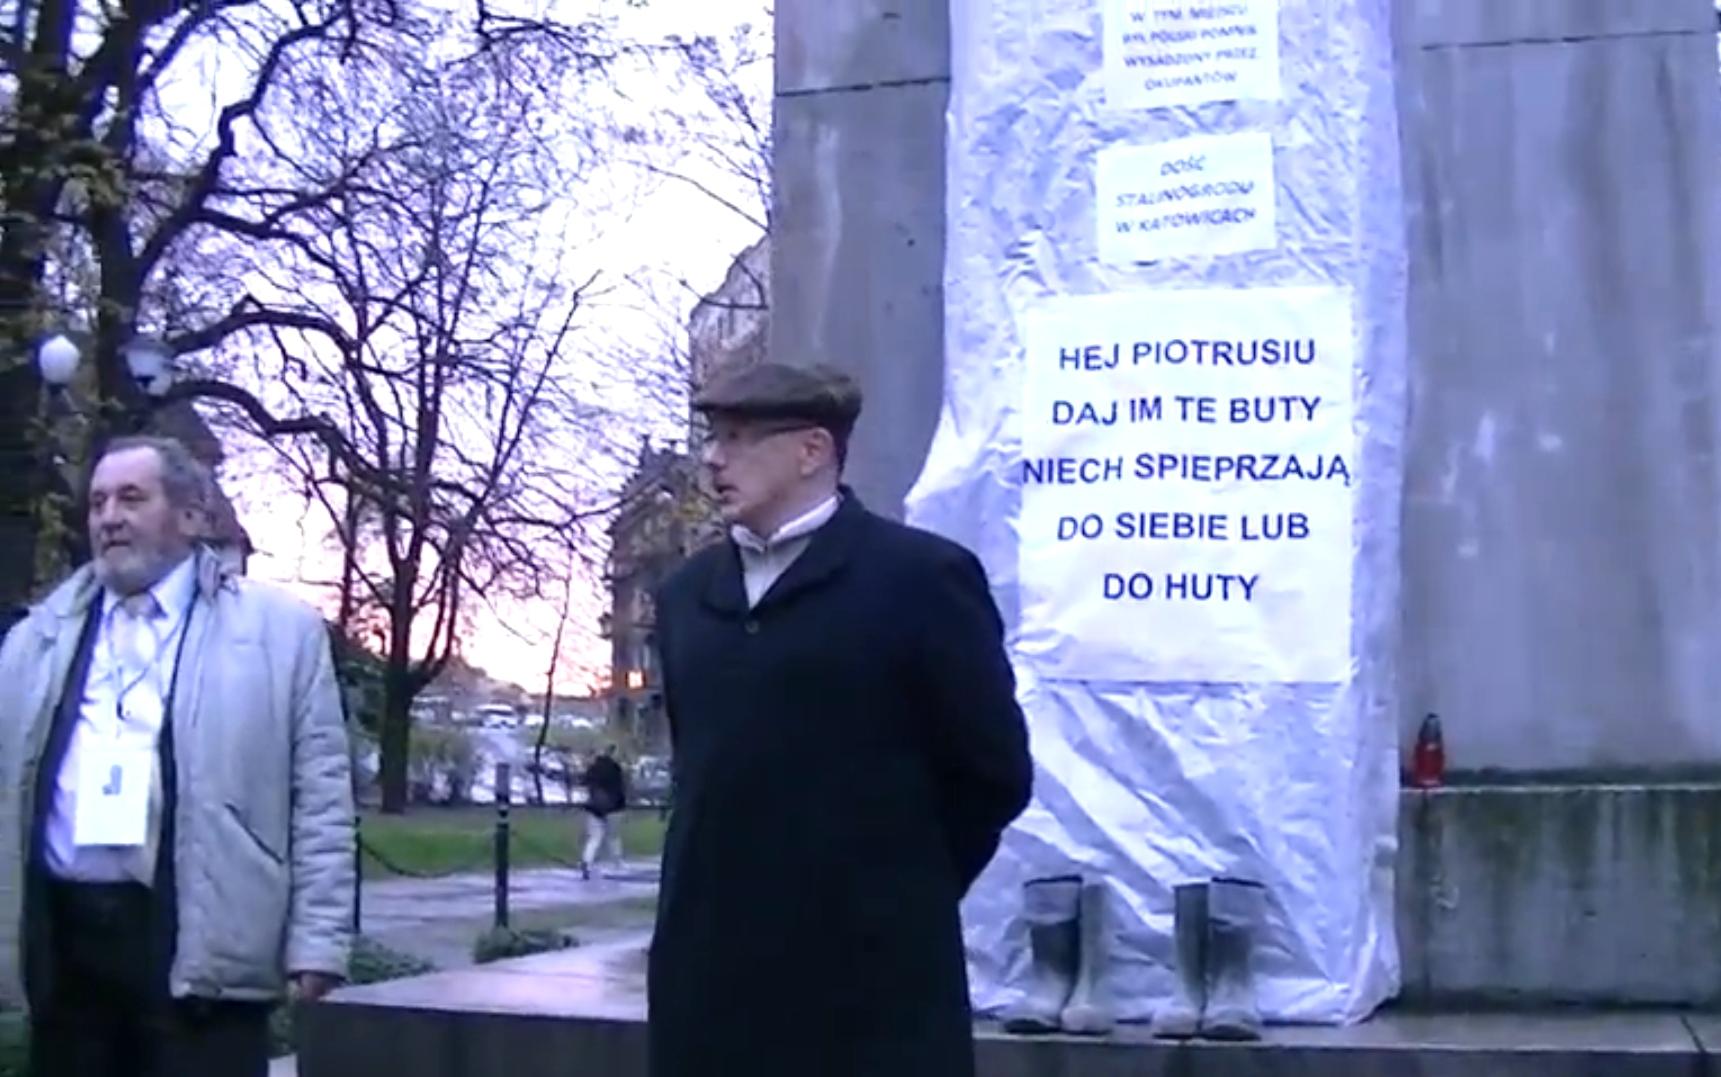 WOLNY CZYN: Rocznica przewrotu bolszewickiego